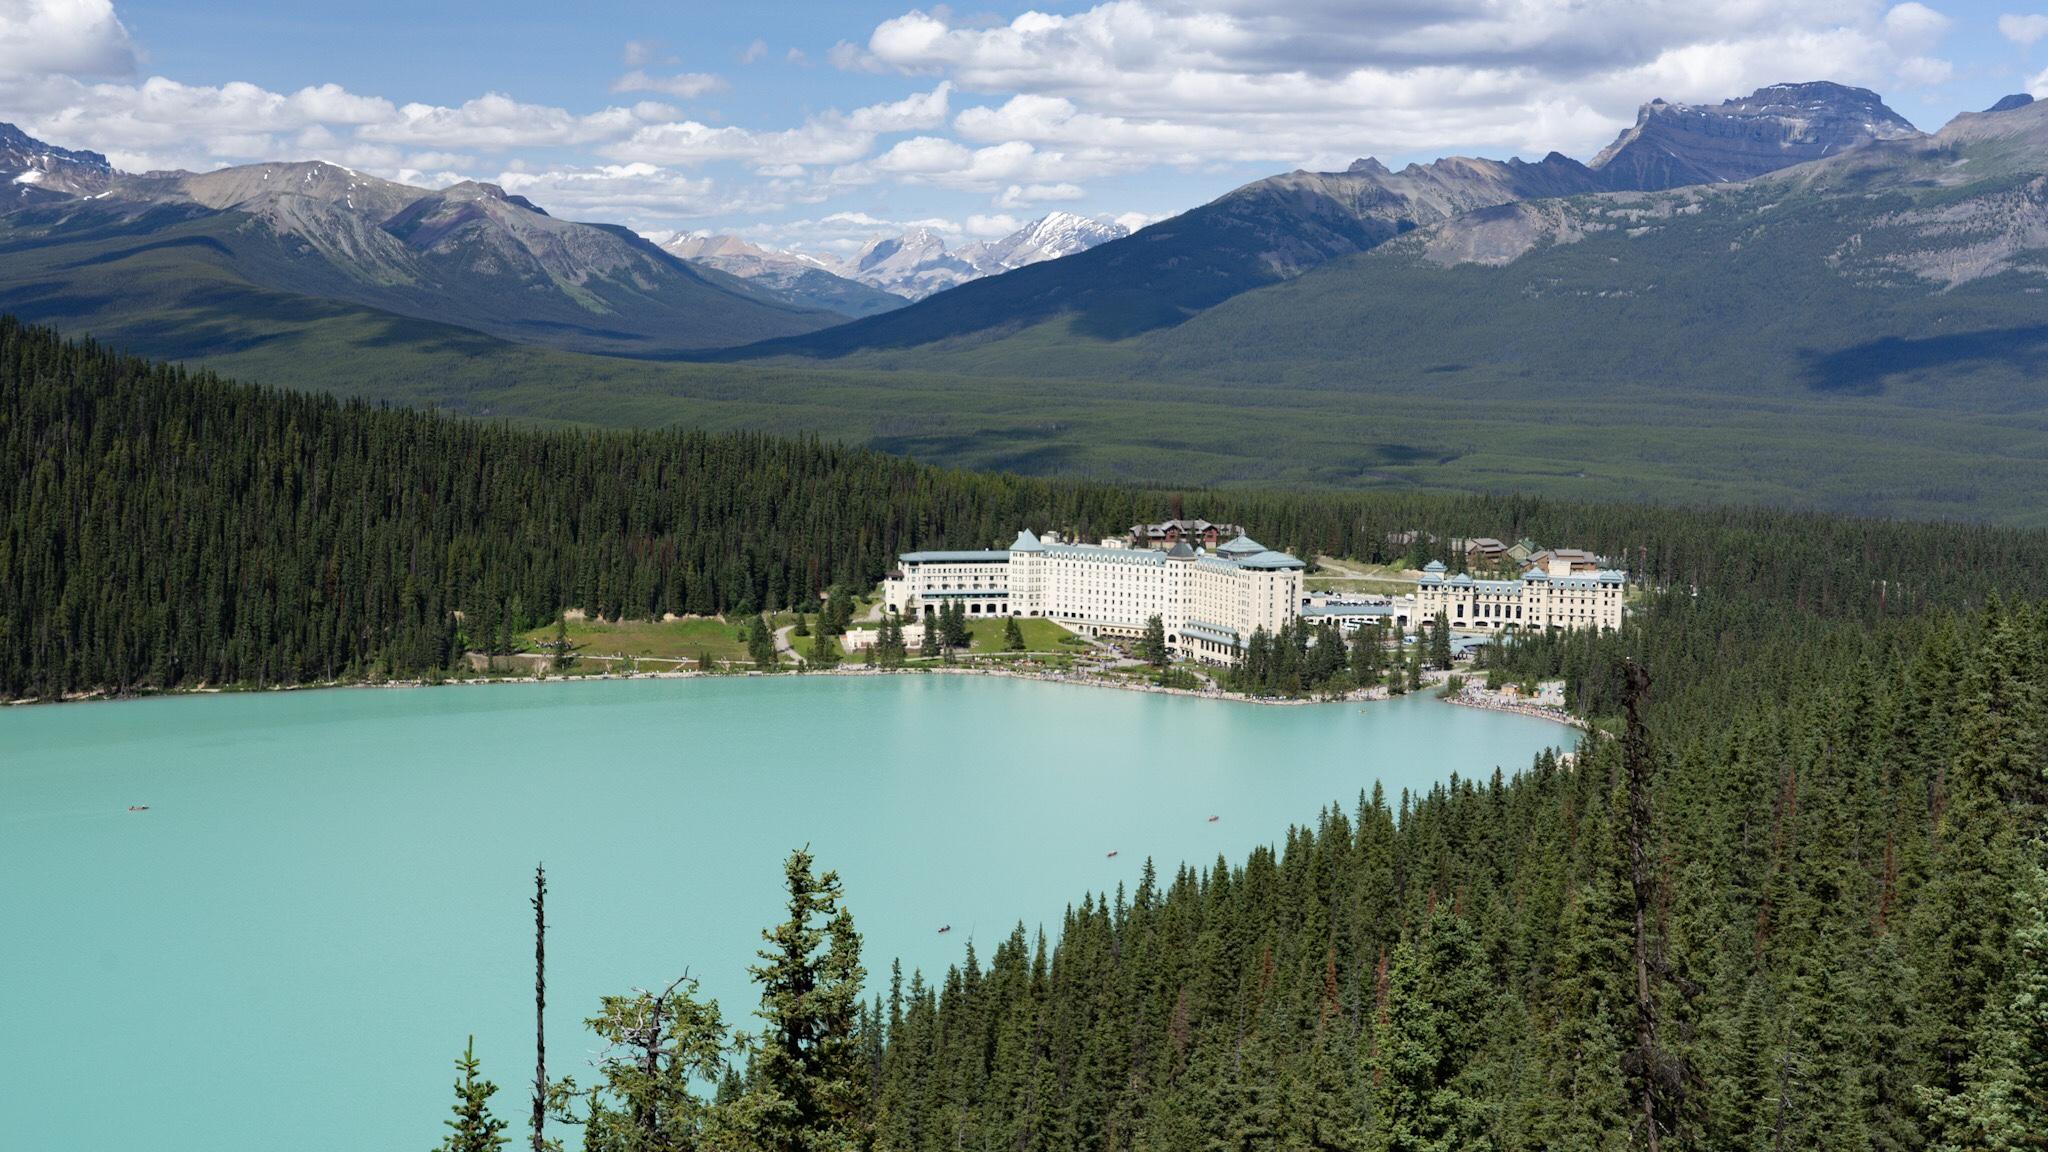 lac louise dans l'ouest canadien